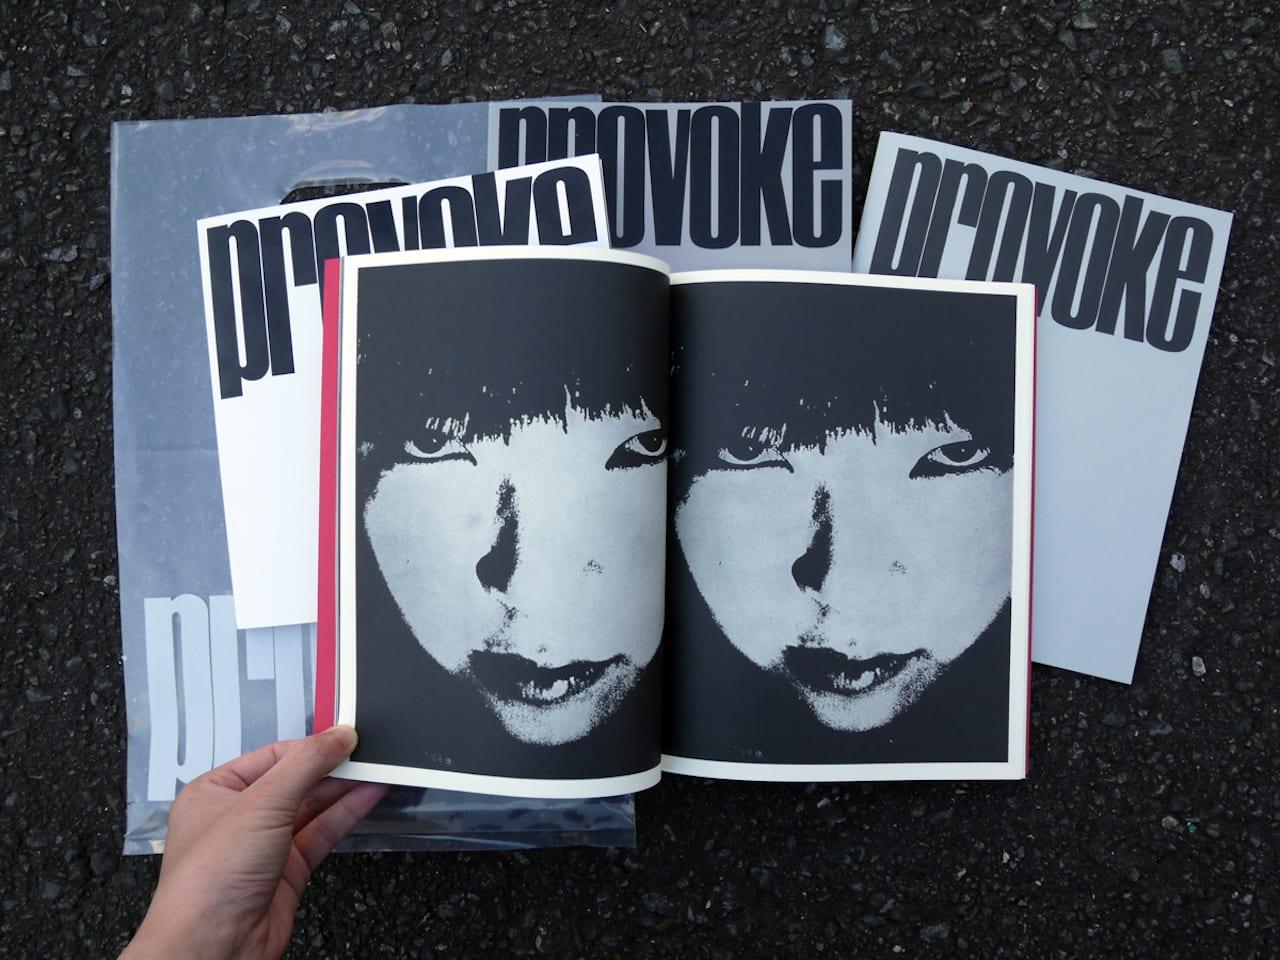 50 years since provoke reprinting the radical japanese photo magazine